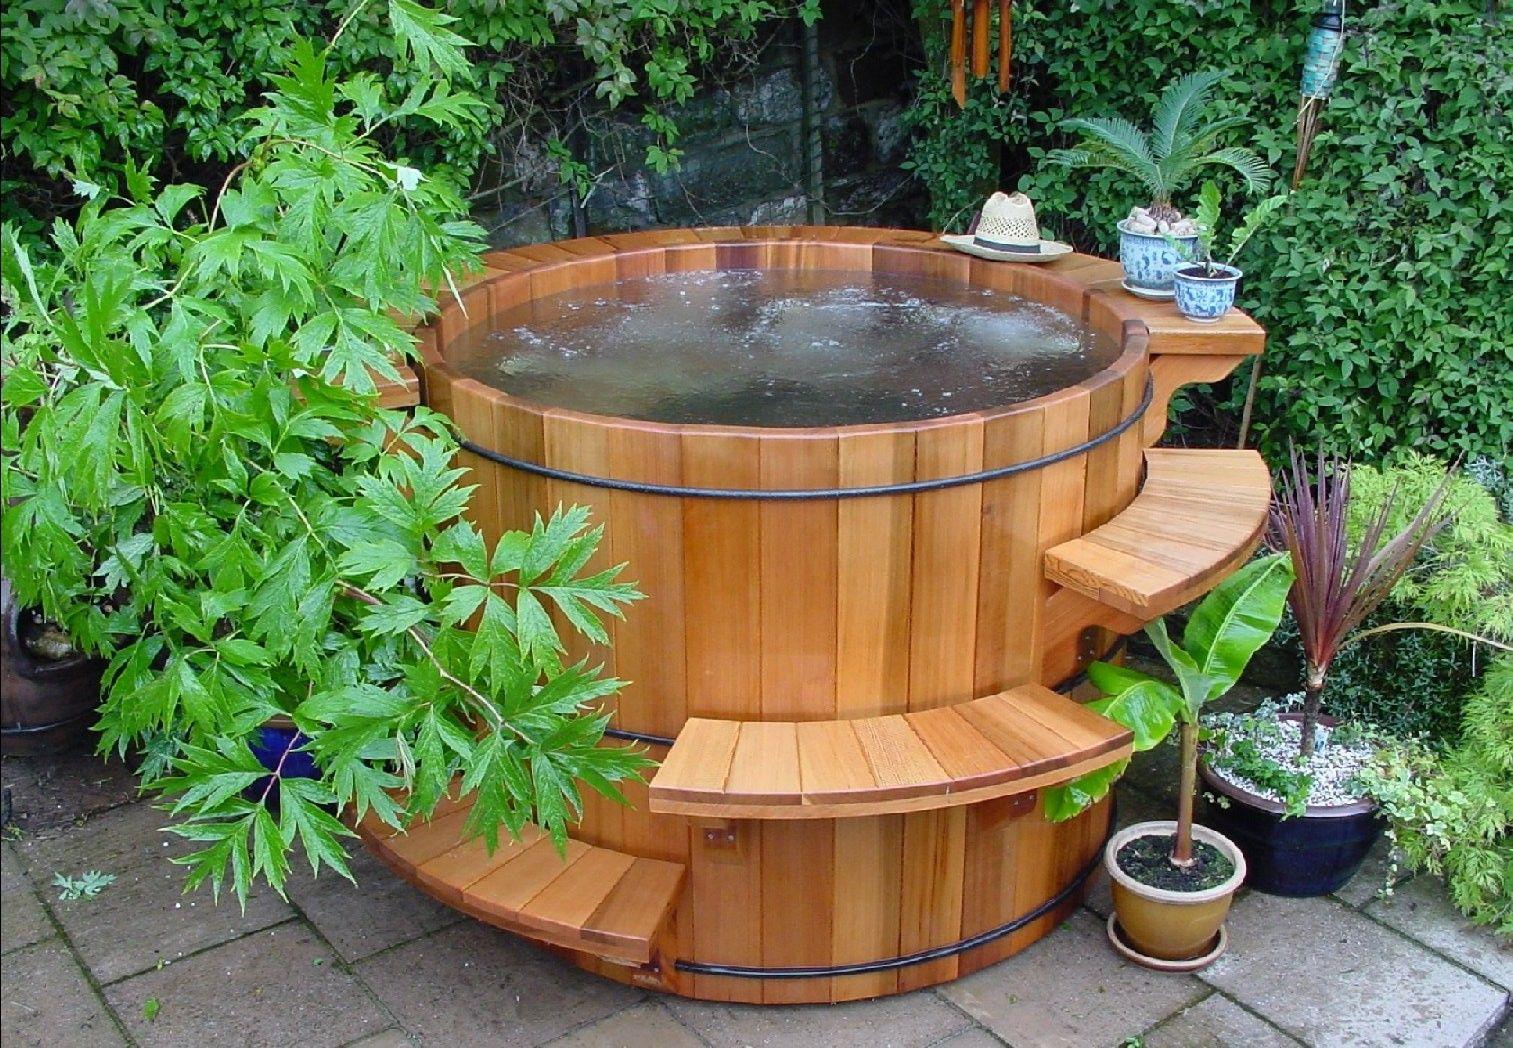 Wood Hot Tubs And Barrel Hot Tubs Cedar Hot Tub Hot Tub Garden